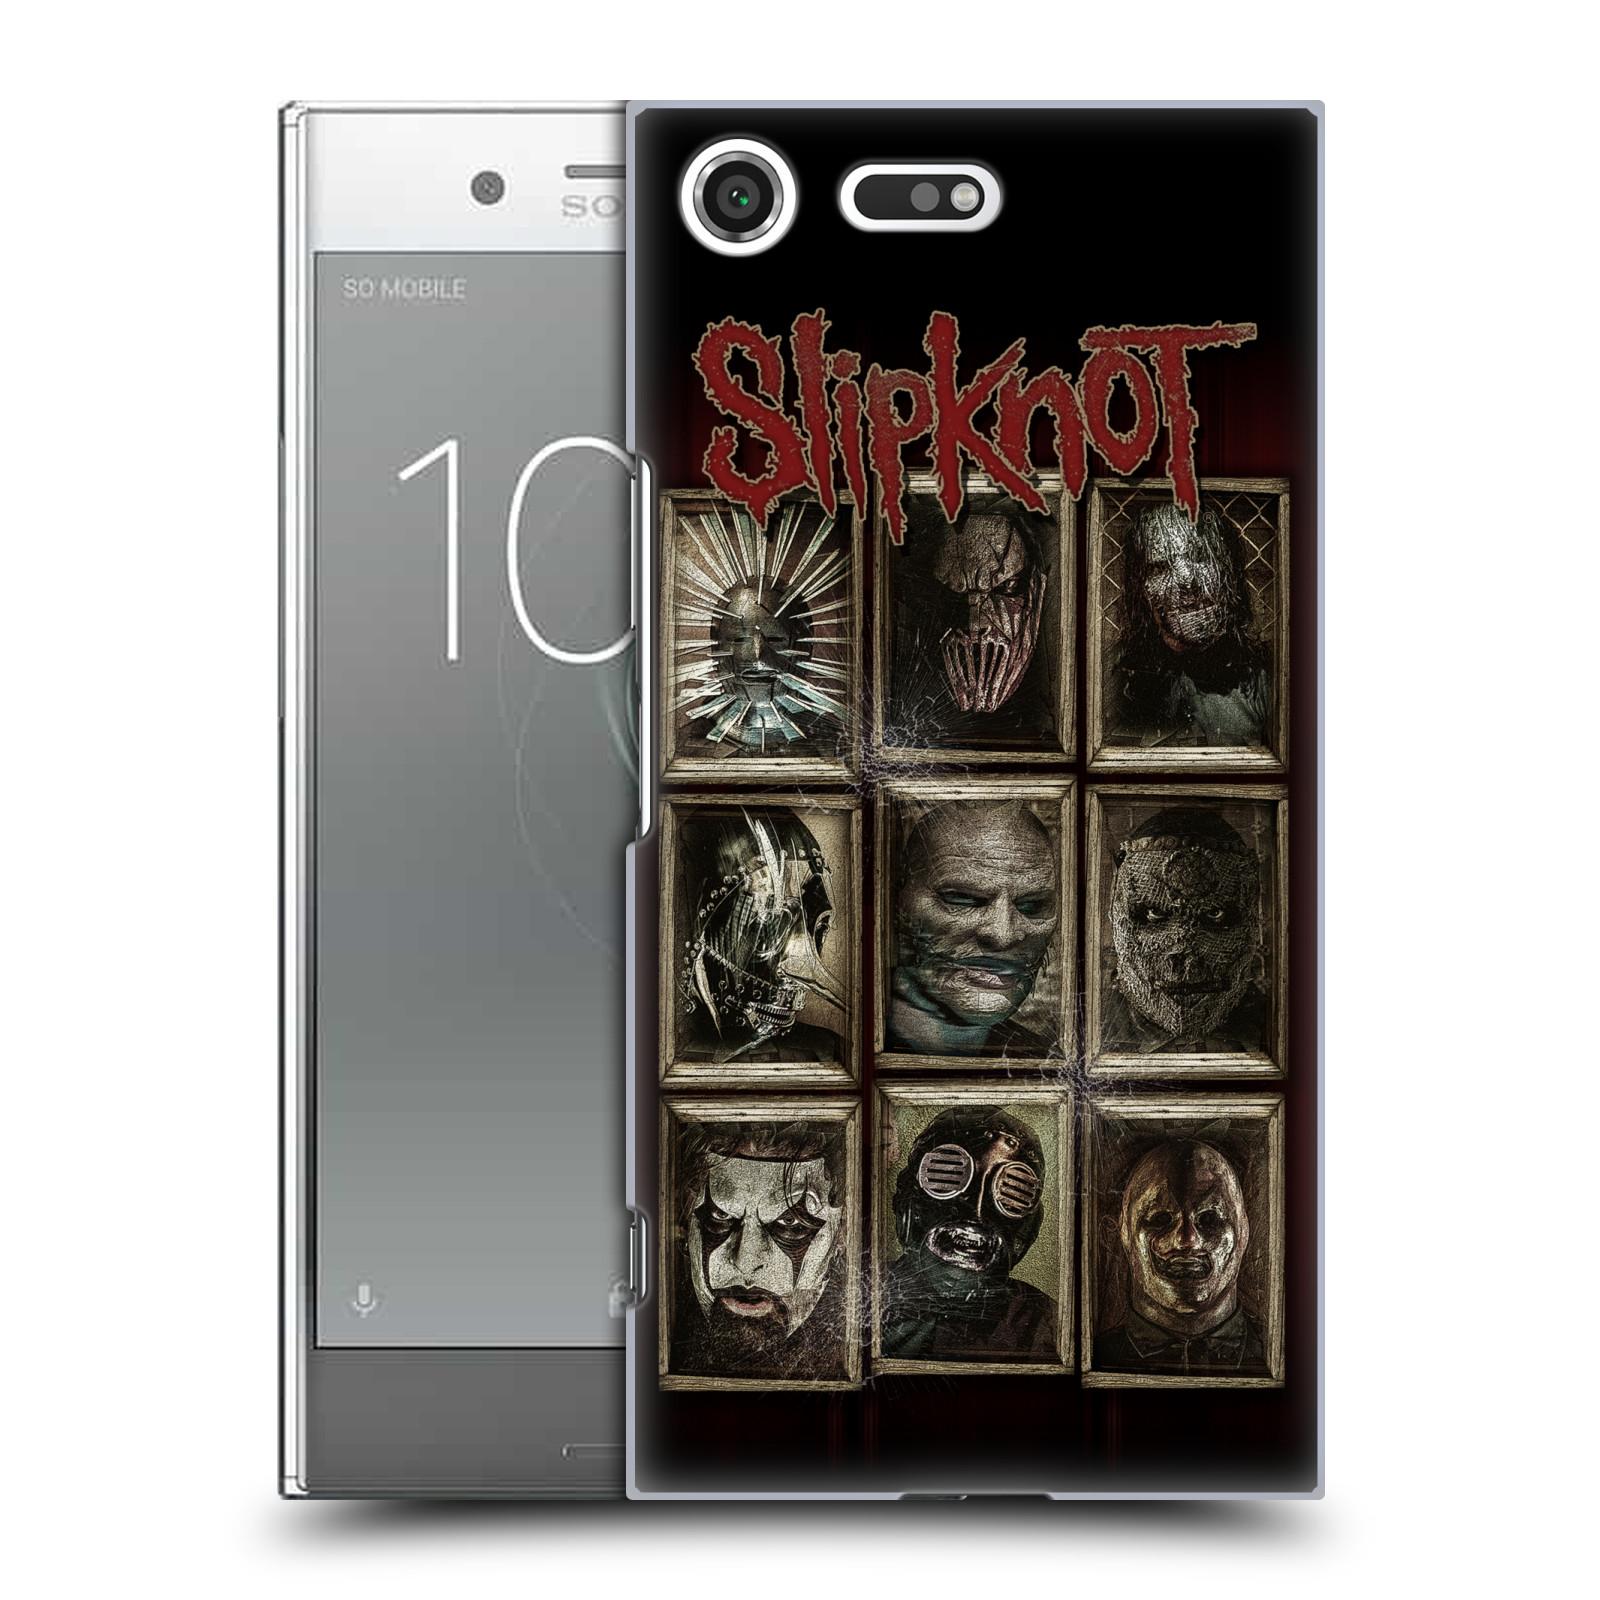 Plastové pouzdro na mobil Sony Xperia XZ Premium Head Case - Slipknot - Masky (Plastový kryt či obal na mobilní telefon licencovaným motivem Slipknot pro Sony Xperia XZ Premium G8142)